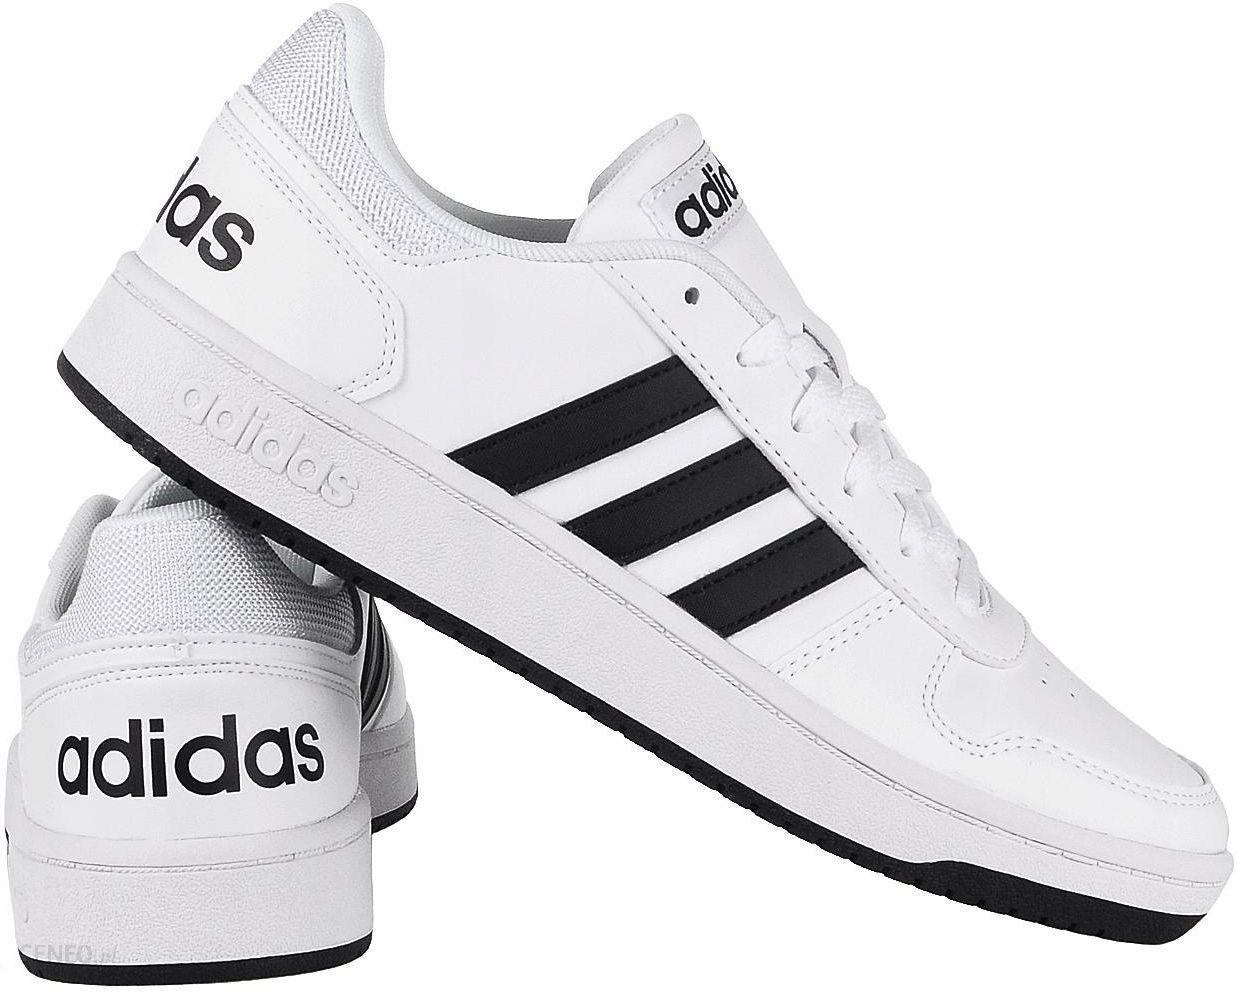 Adidas Hoops 2.0 Buty męskie Białe r.43 13 Ceny i opinie Ceneo.pl